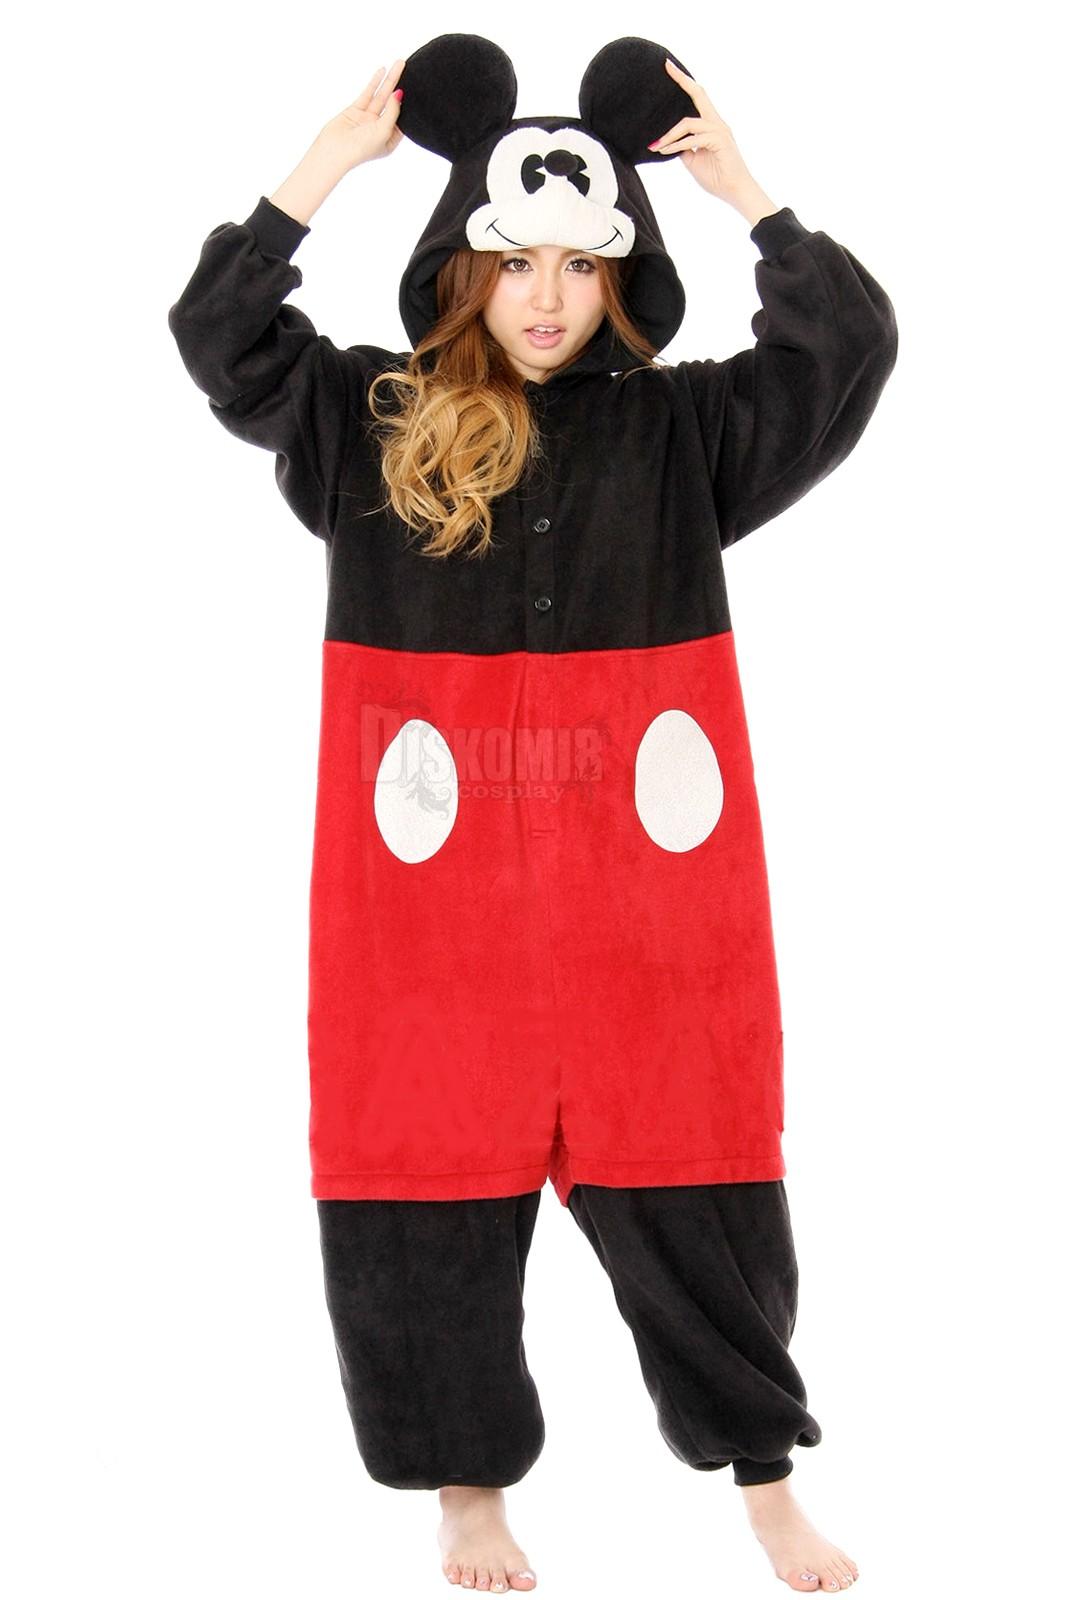 Кигуруми Микки Маус   Kigurumi Mickey Mouse. Купить недорого за 1750 ... 3c76aac5748c5